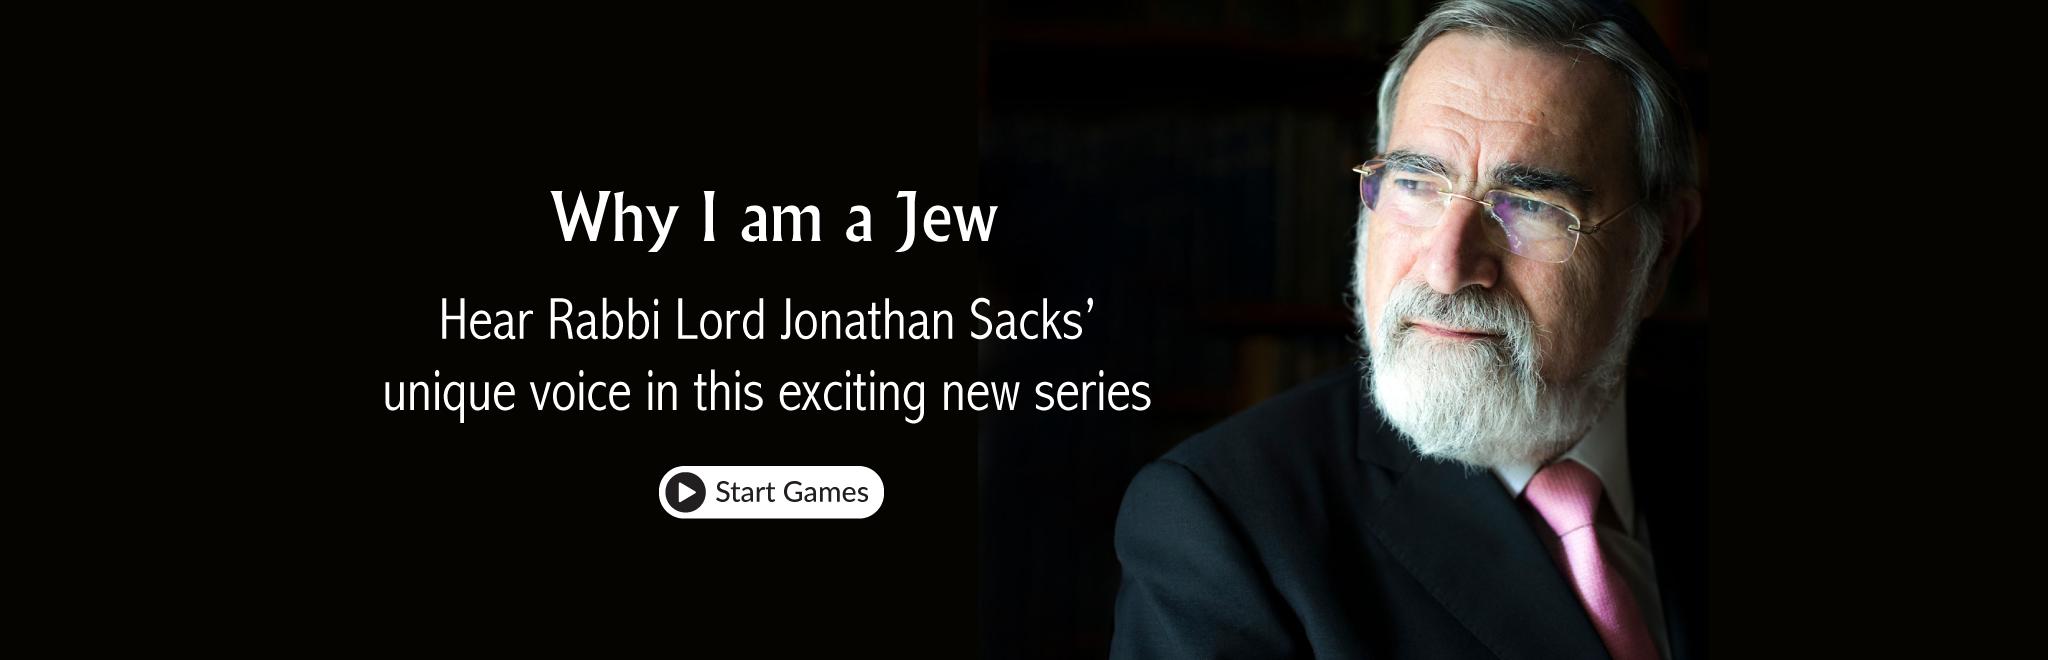 rabbi_sacks_why i am a jew